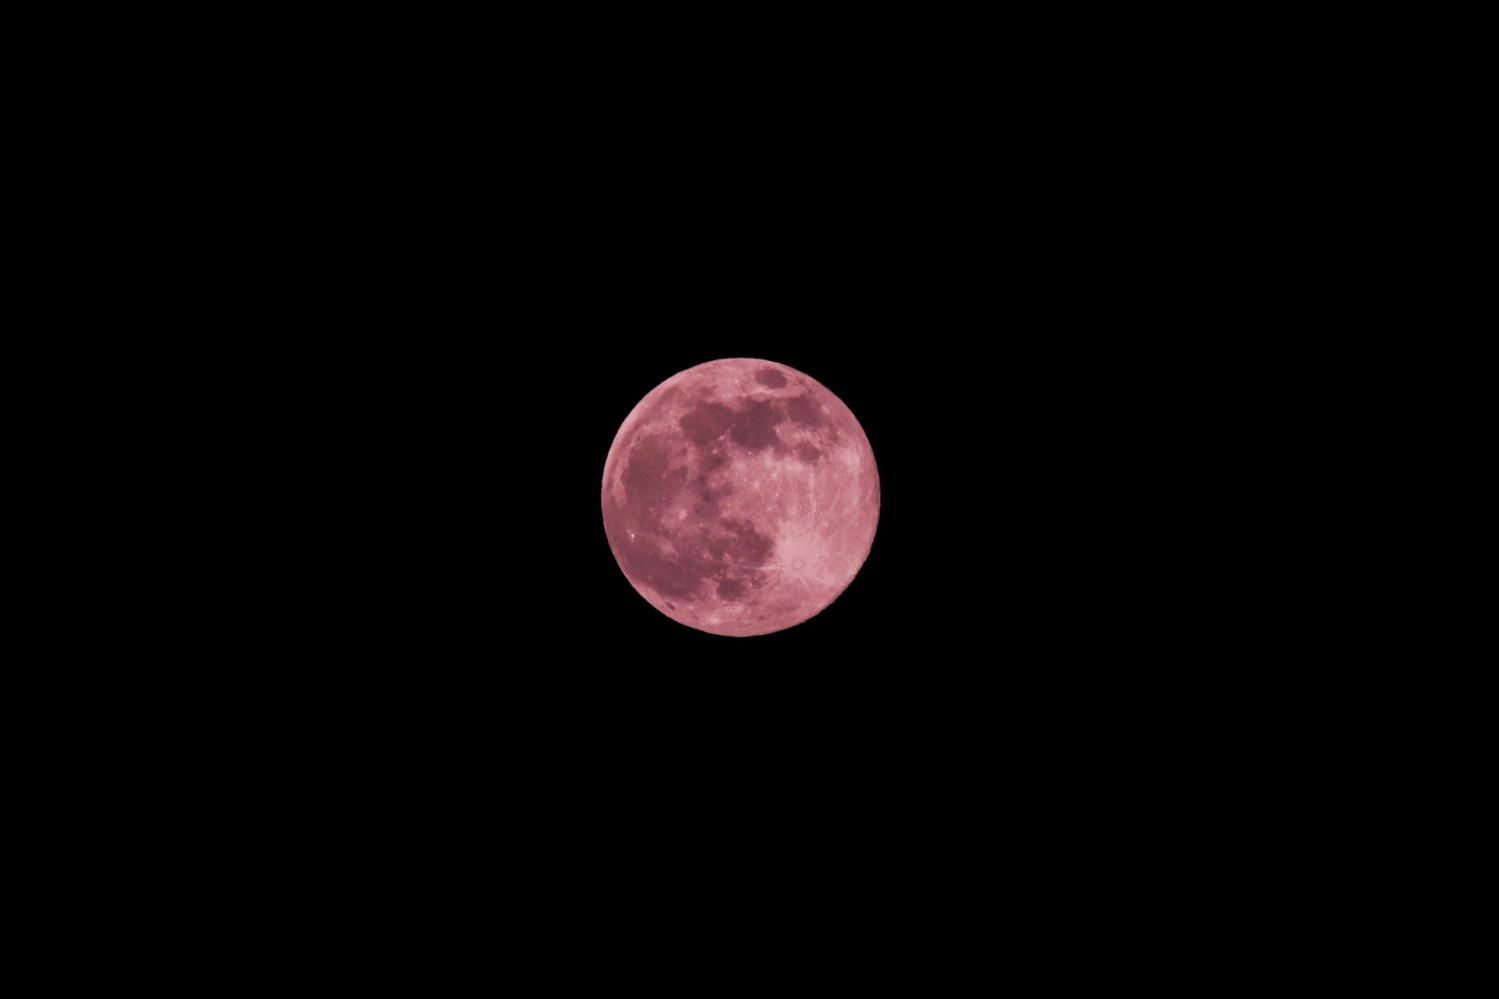 満月の夜なら - あいみょん